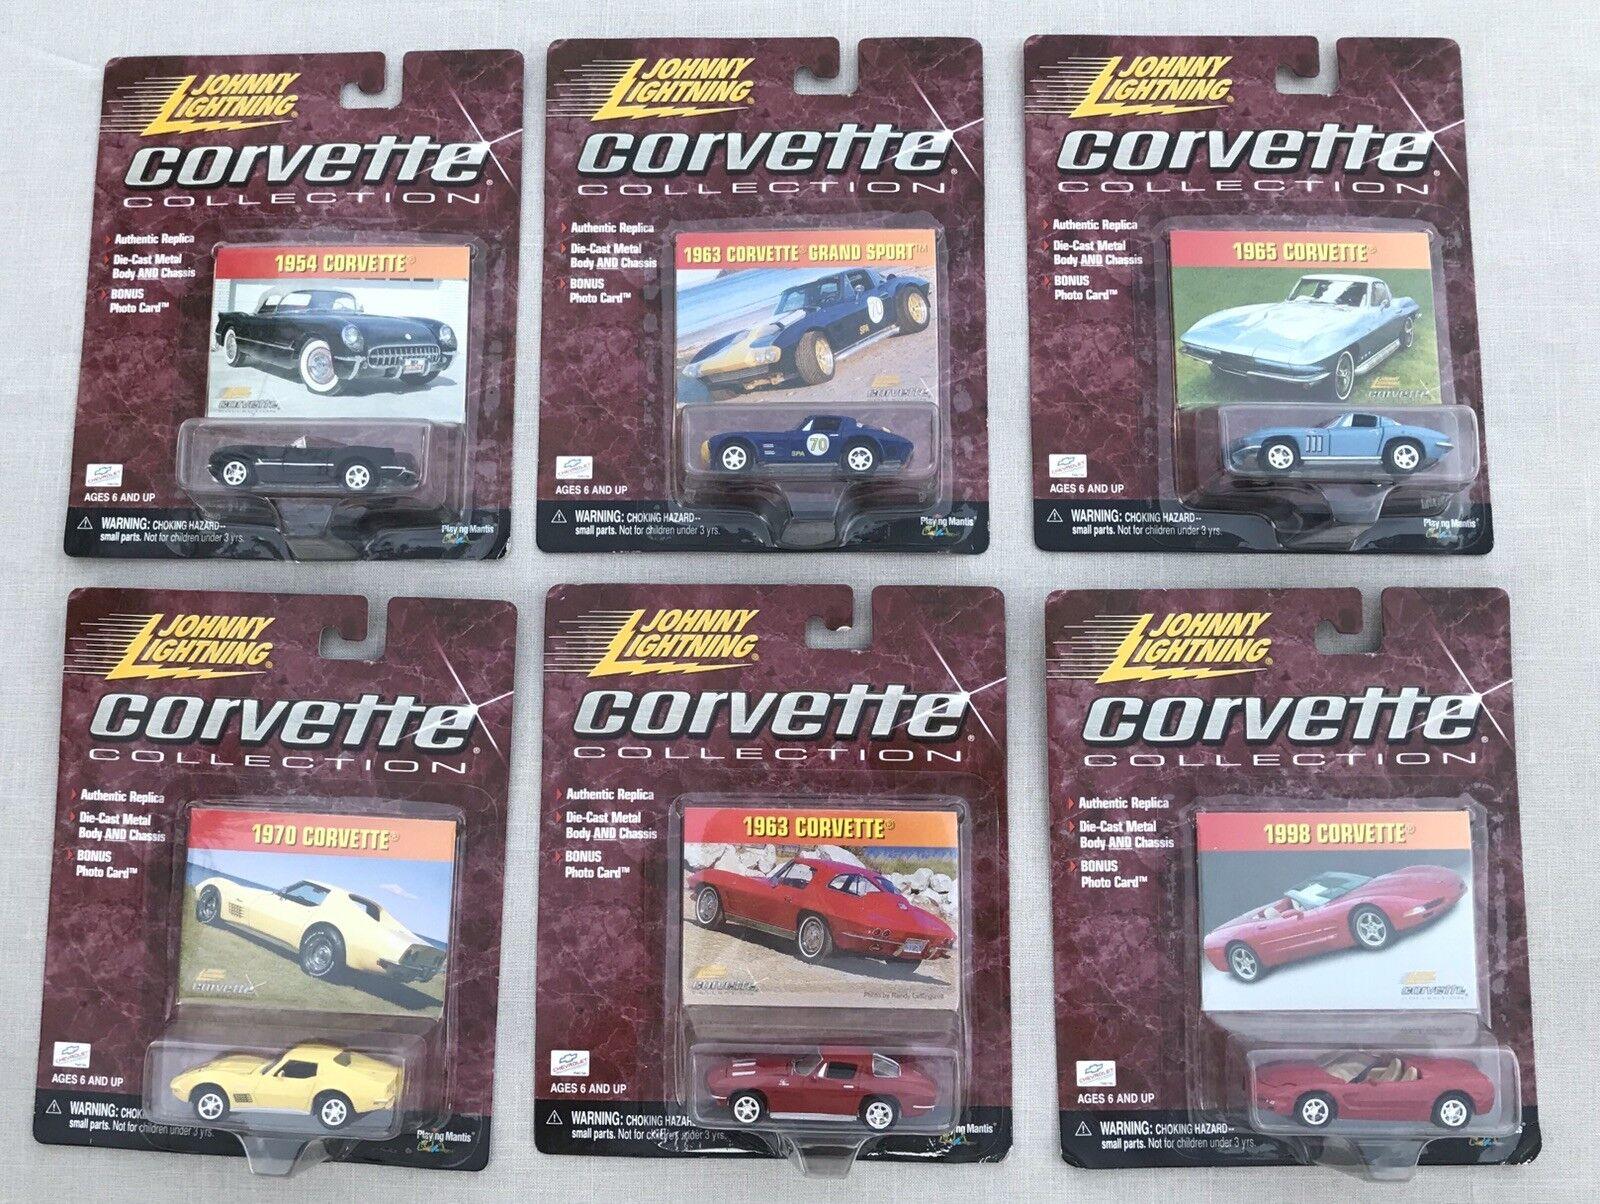 New in Box 2000 Johnny Lightning CORVETTE collection complète 6 Voiture Set-LIVRAISON GRATUITE